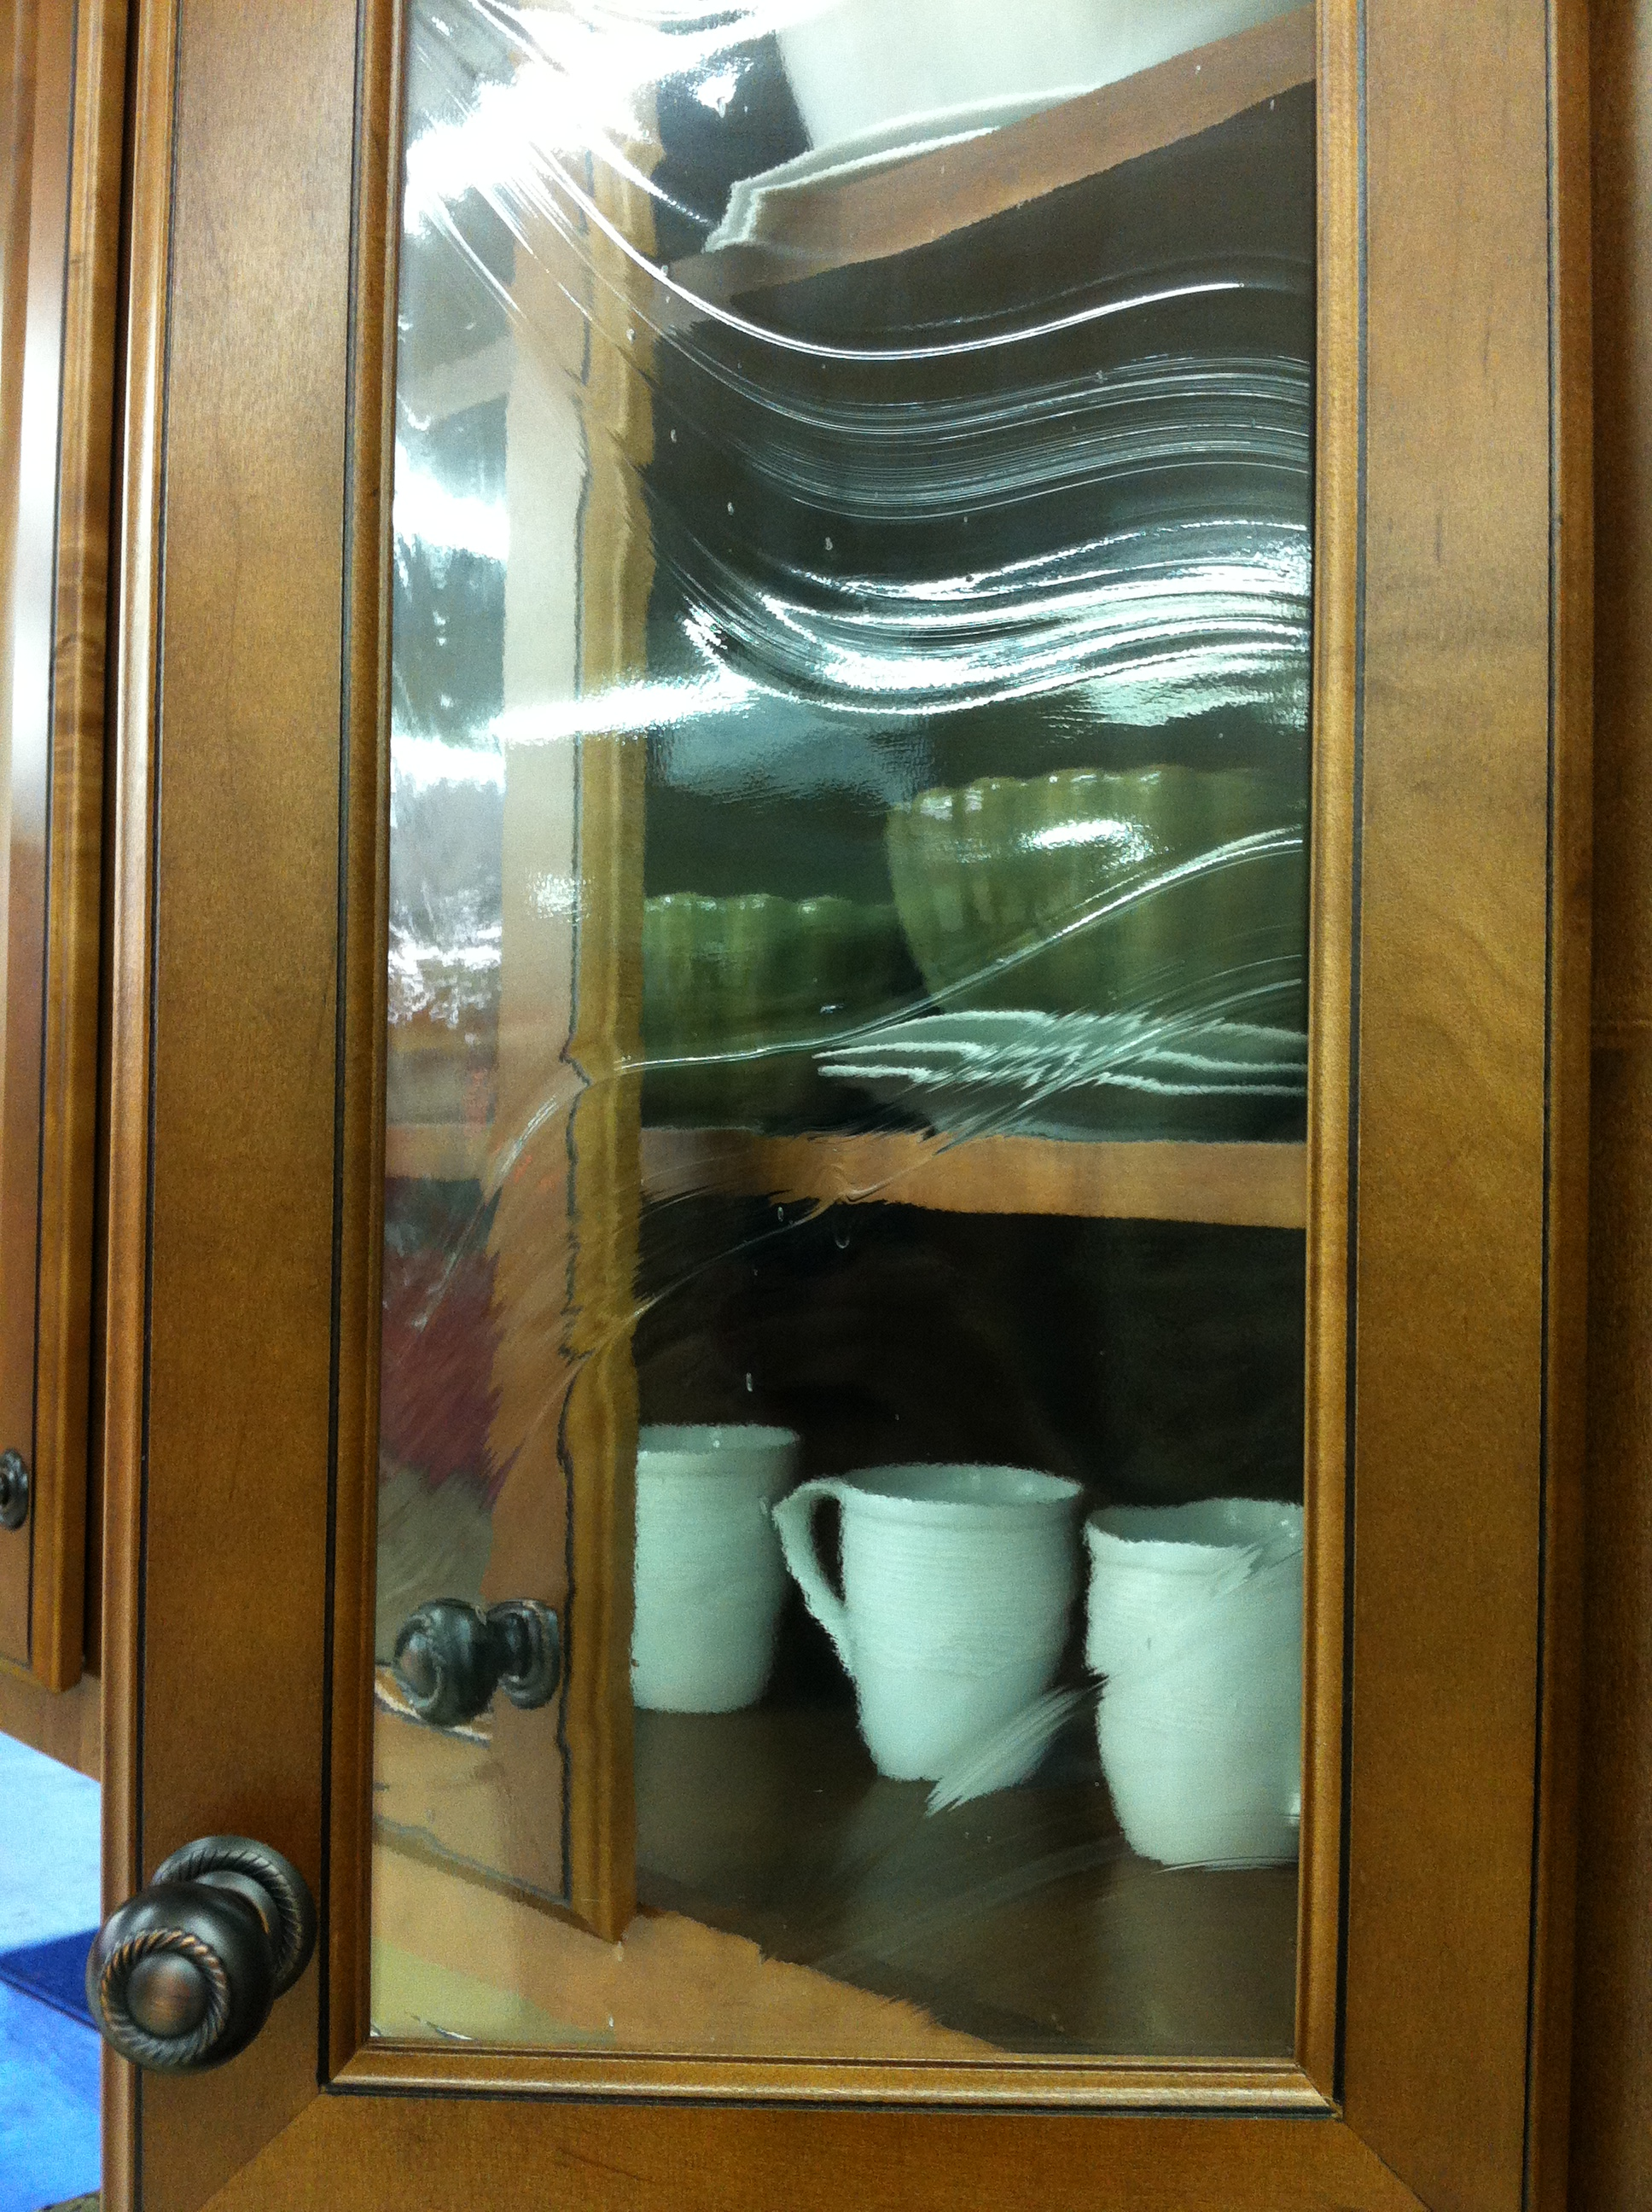 Cabinets wilson lumber company image planetlyrics Images